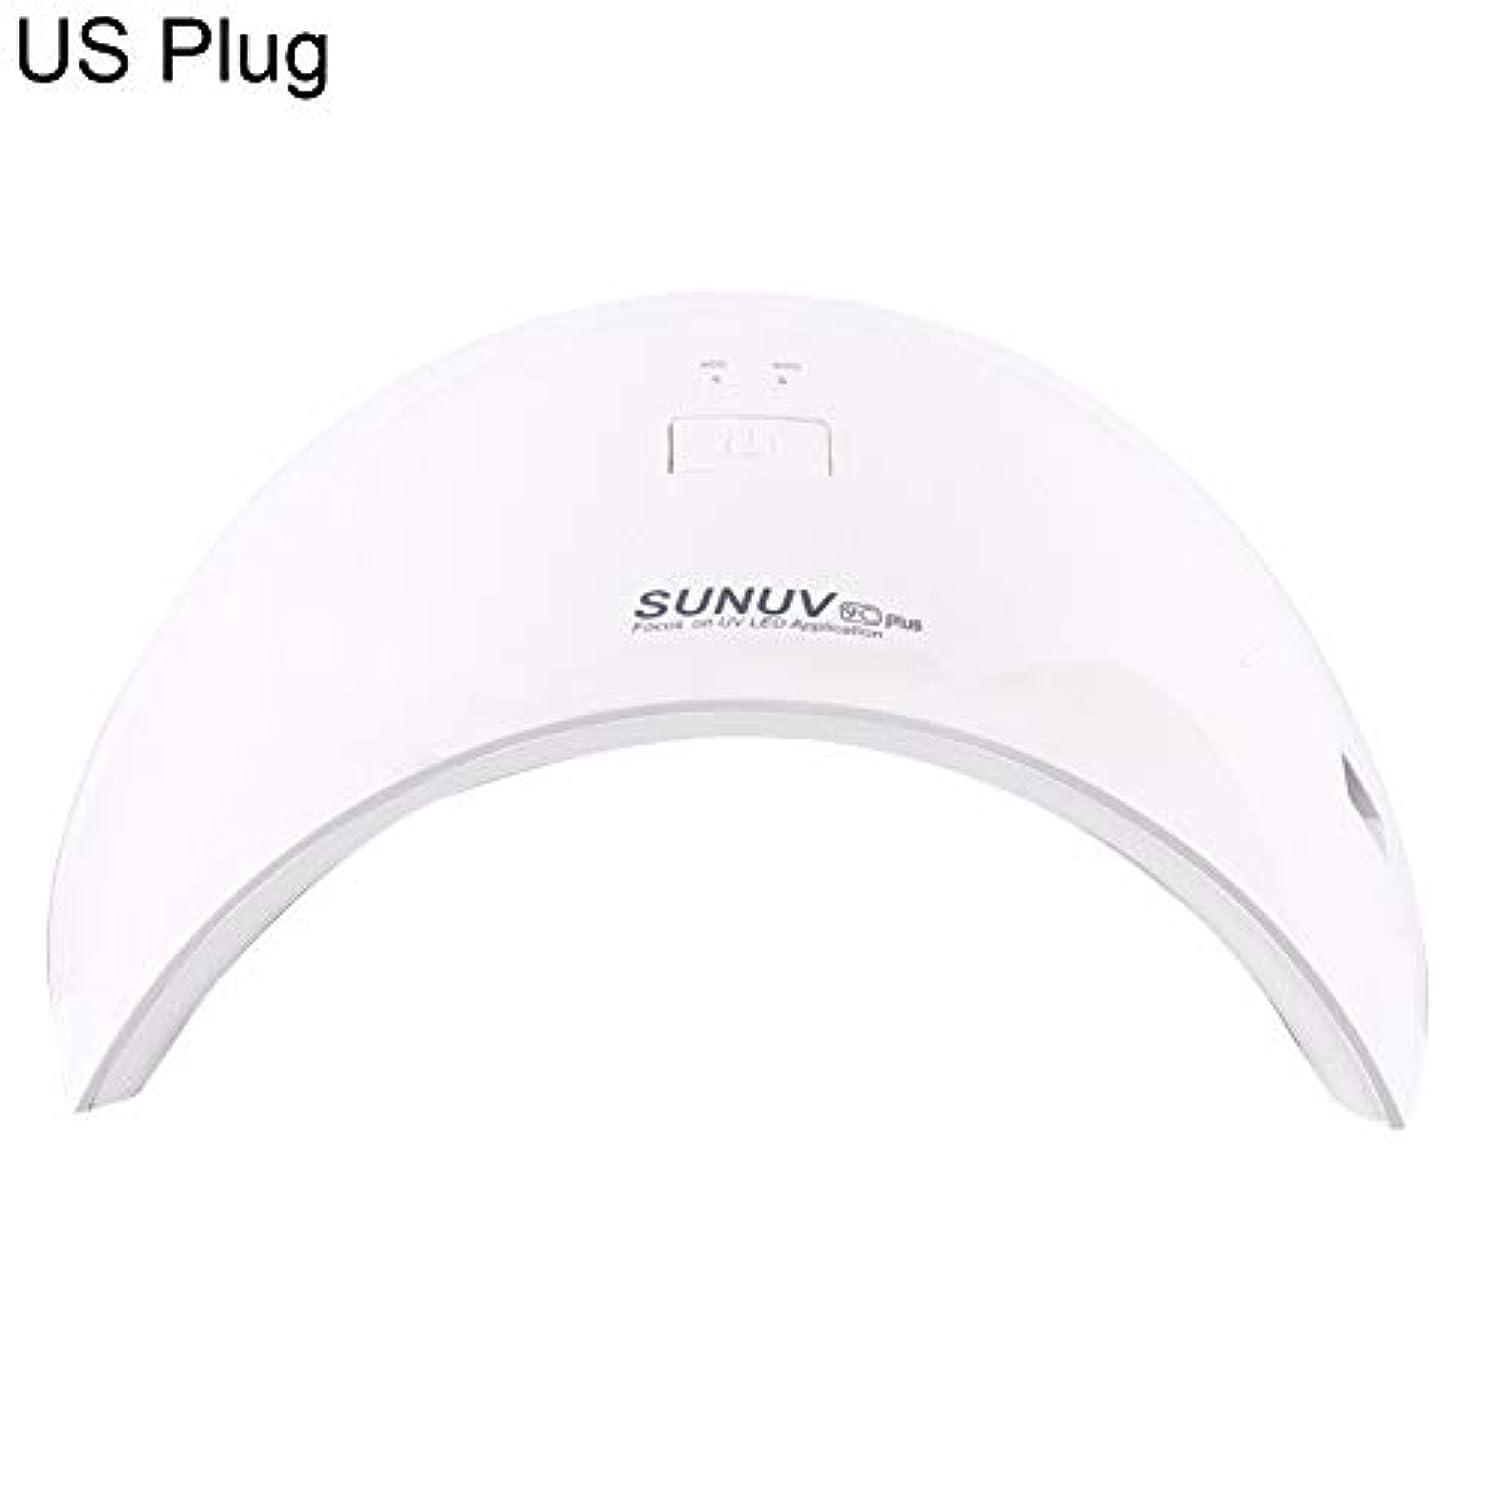 つかいますアメリカブラウスグレファイディンランプネイルマシンプロフェッショナルアーチ型形状36W UVライトLEDネイルドライヤー自動センサーゲルランプ - *EUプラグ